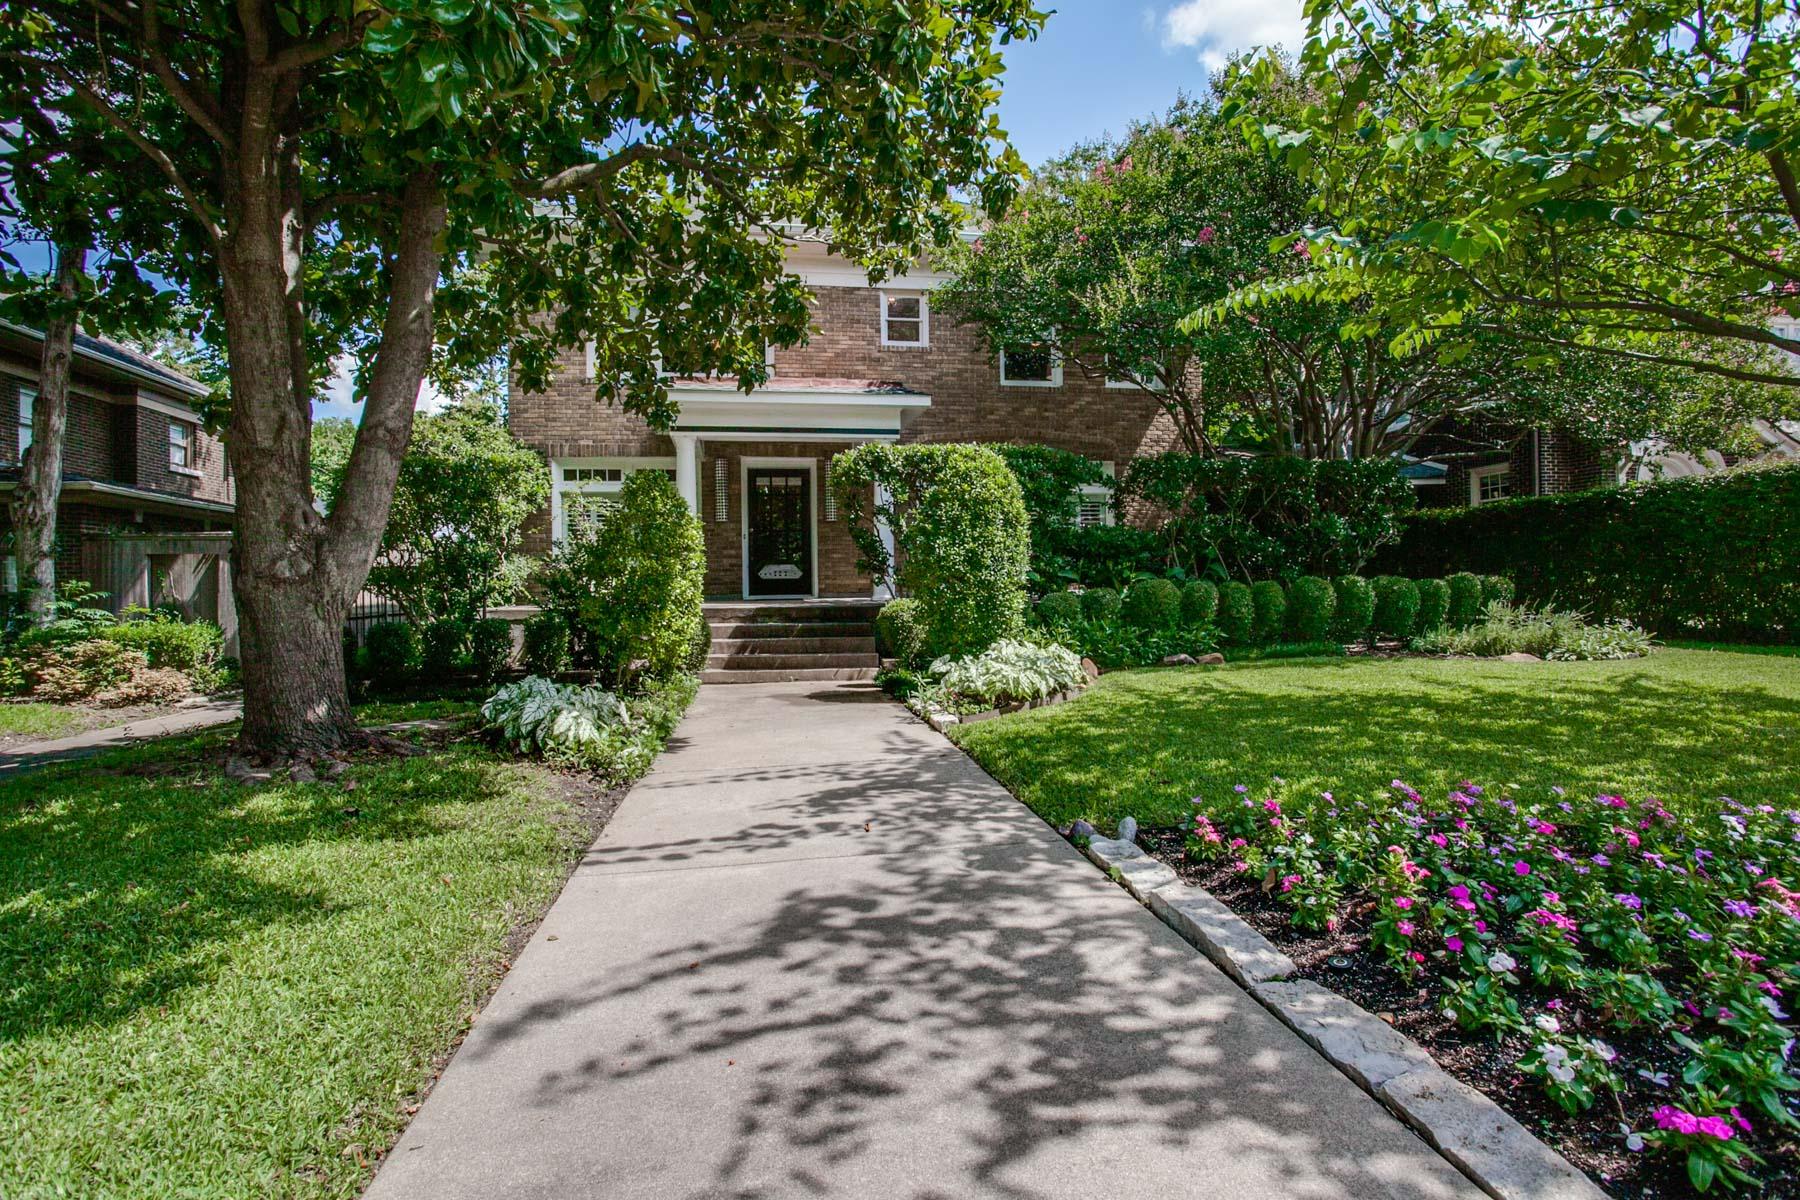 Maison unifamiliale pour l Vente à Tree Canopied Home in Swiss Avenue Historic District 6155 La Vista Drive Dallas, Texas, 75218 États-Unis